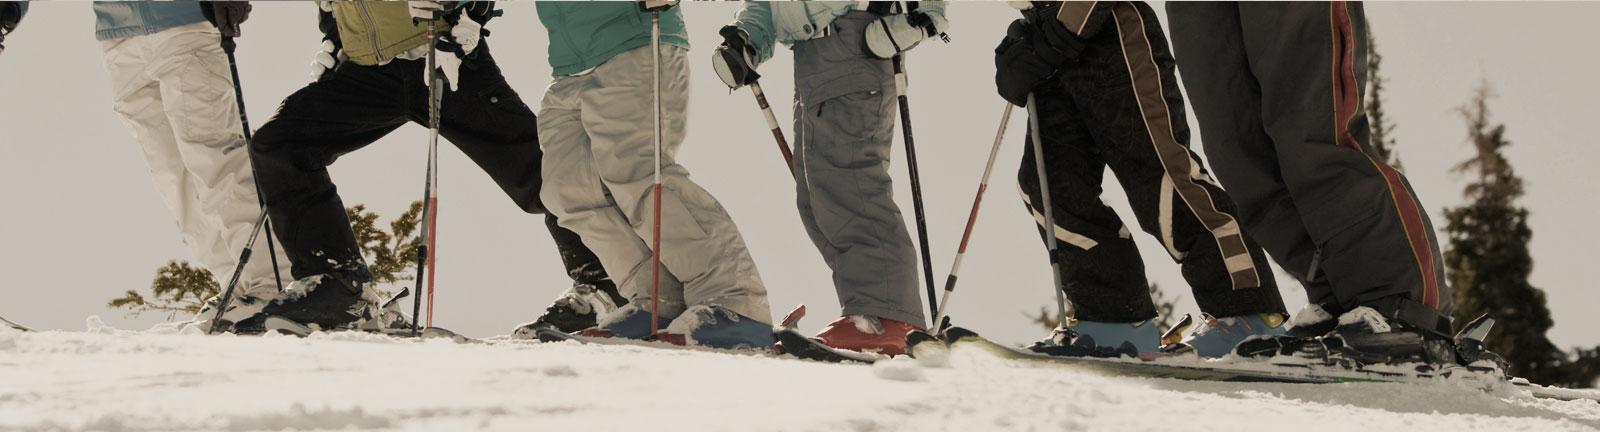 Kinder ski's